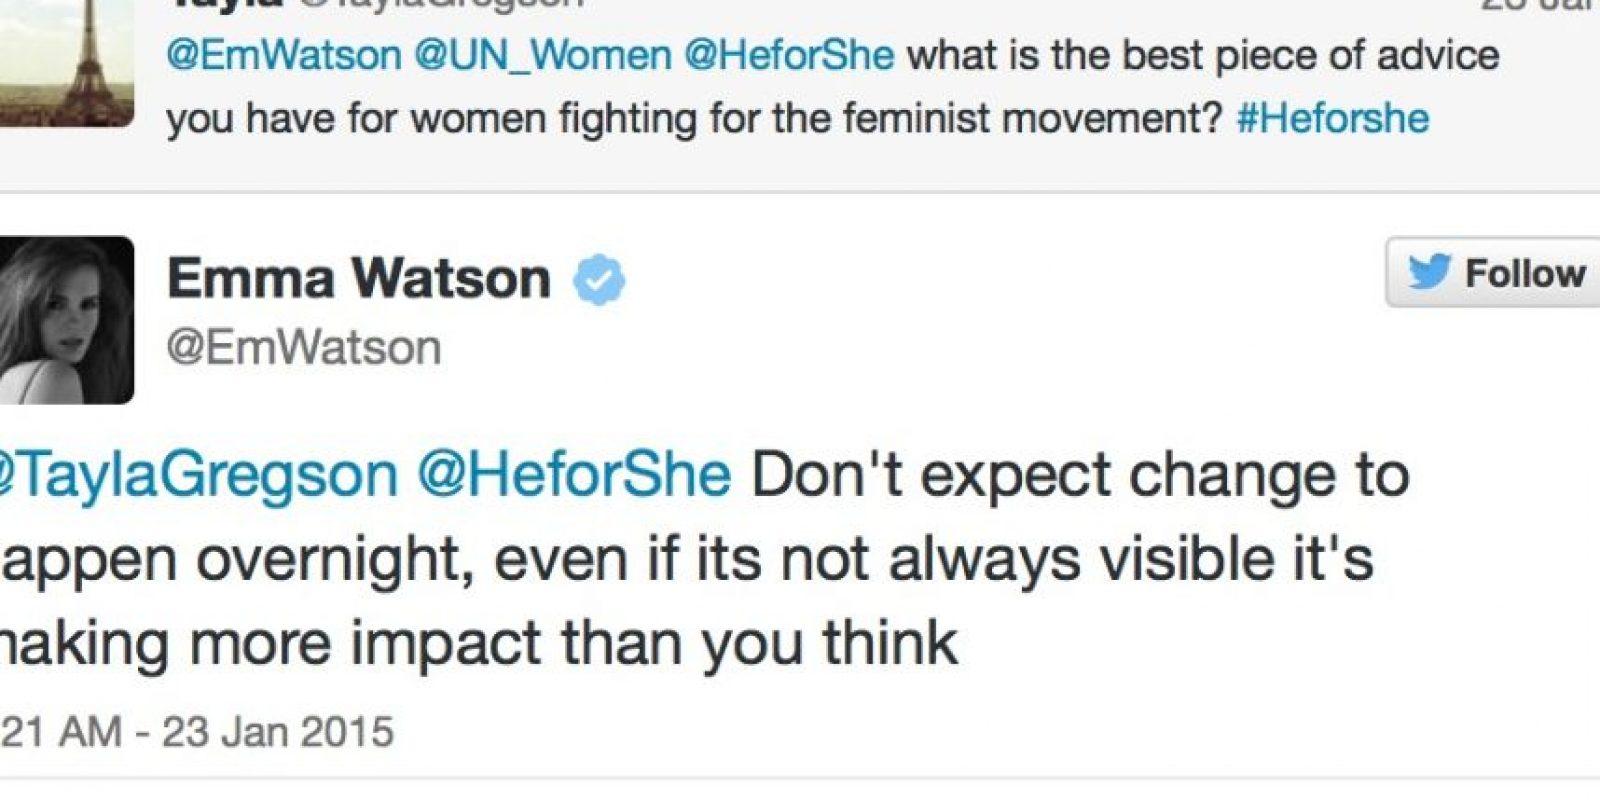 """""""¿Cuál es el mejor consejo para una feminista?"""" Emma: """"No esperes un cambio de la noche a la mañana. Pero aunque no sea visible, tiene más impacto del que te imaginas"""" Foto:Emma Watson/Twitter"""